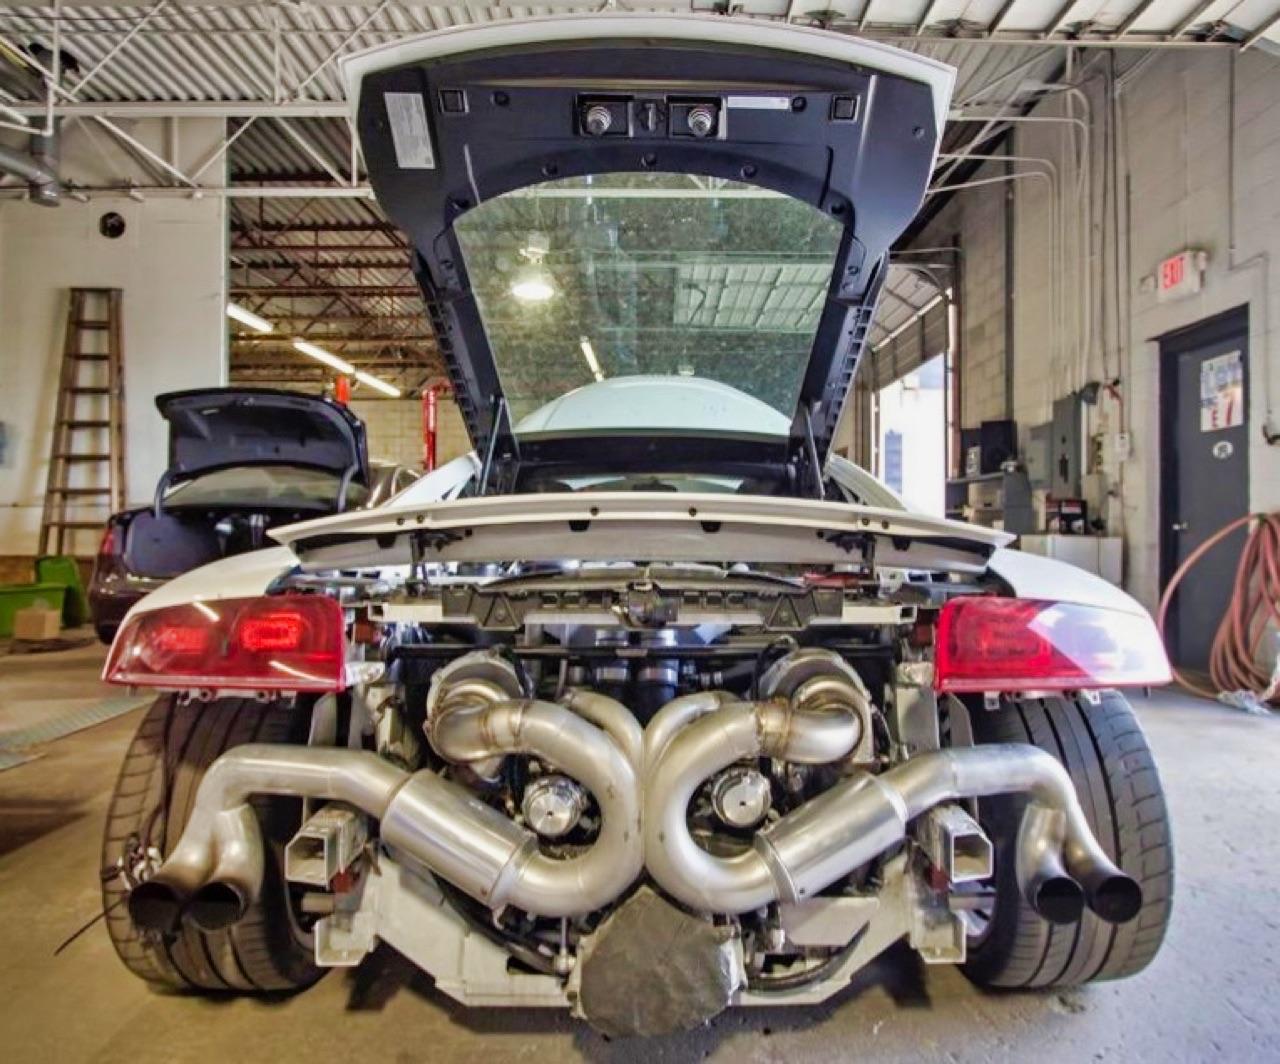 Audi R8 V8 4.2 l - Shootée au biturbo 9